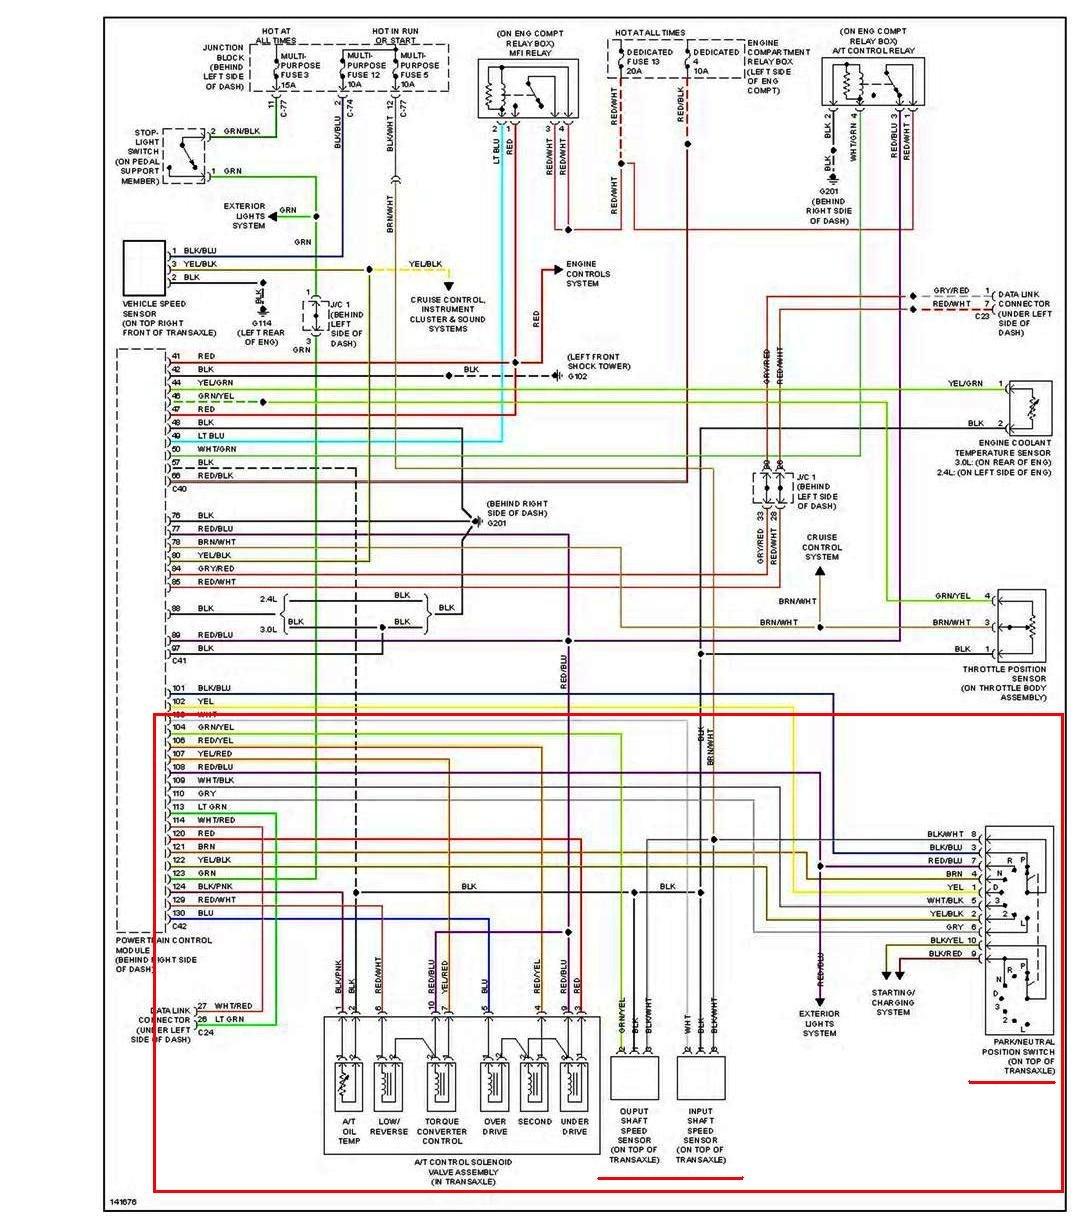 Wiring Diagram For 1999 Mitsubishi Lancer - Wiring Diagram Text  sharp-writer - sharp-writer.albergoristorantecanzo.it   Wiring Diagram For 1999 Mitsubishi Lancer      sharp-writer.albergoristorantecanzo.it